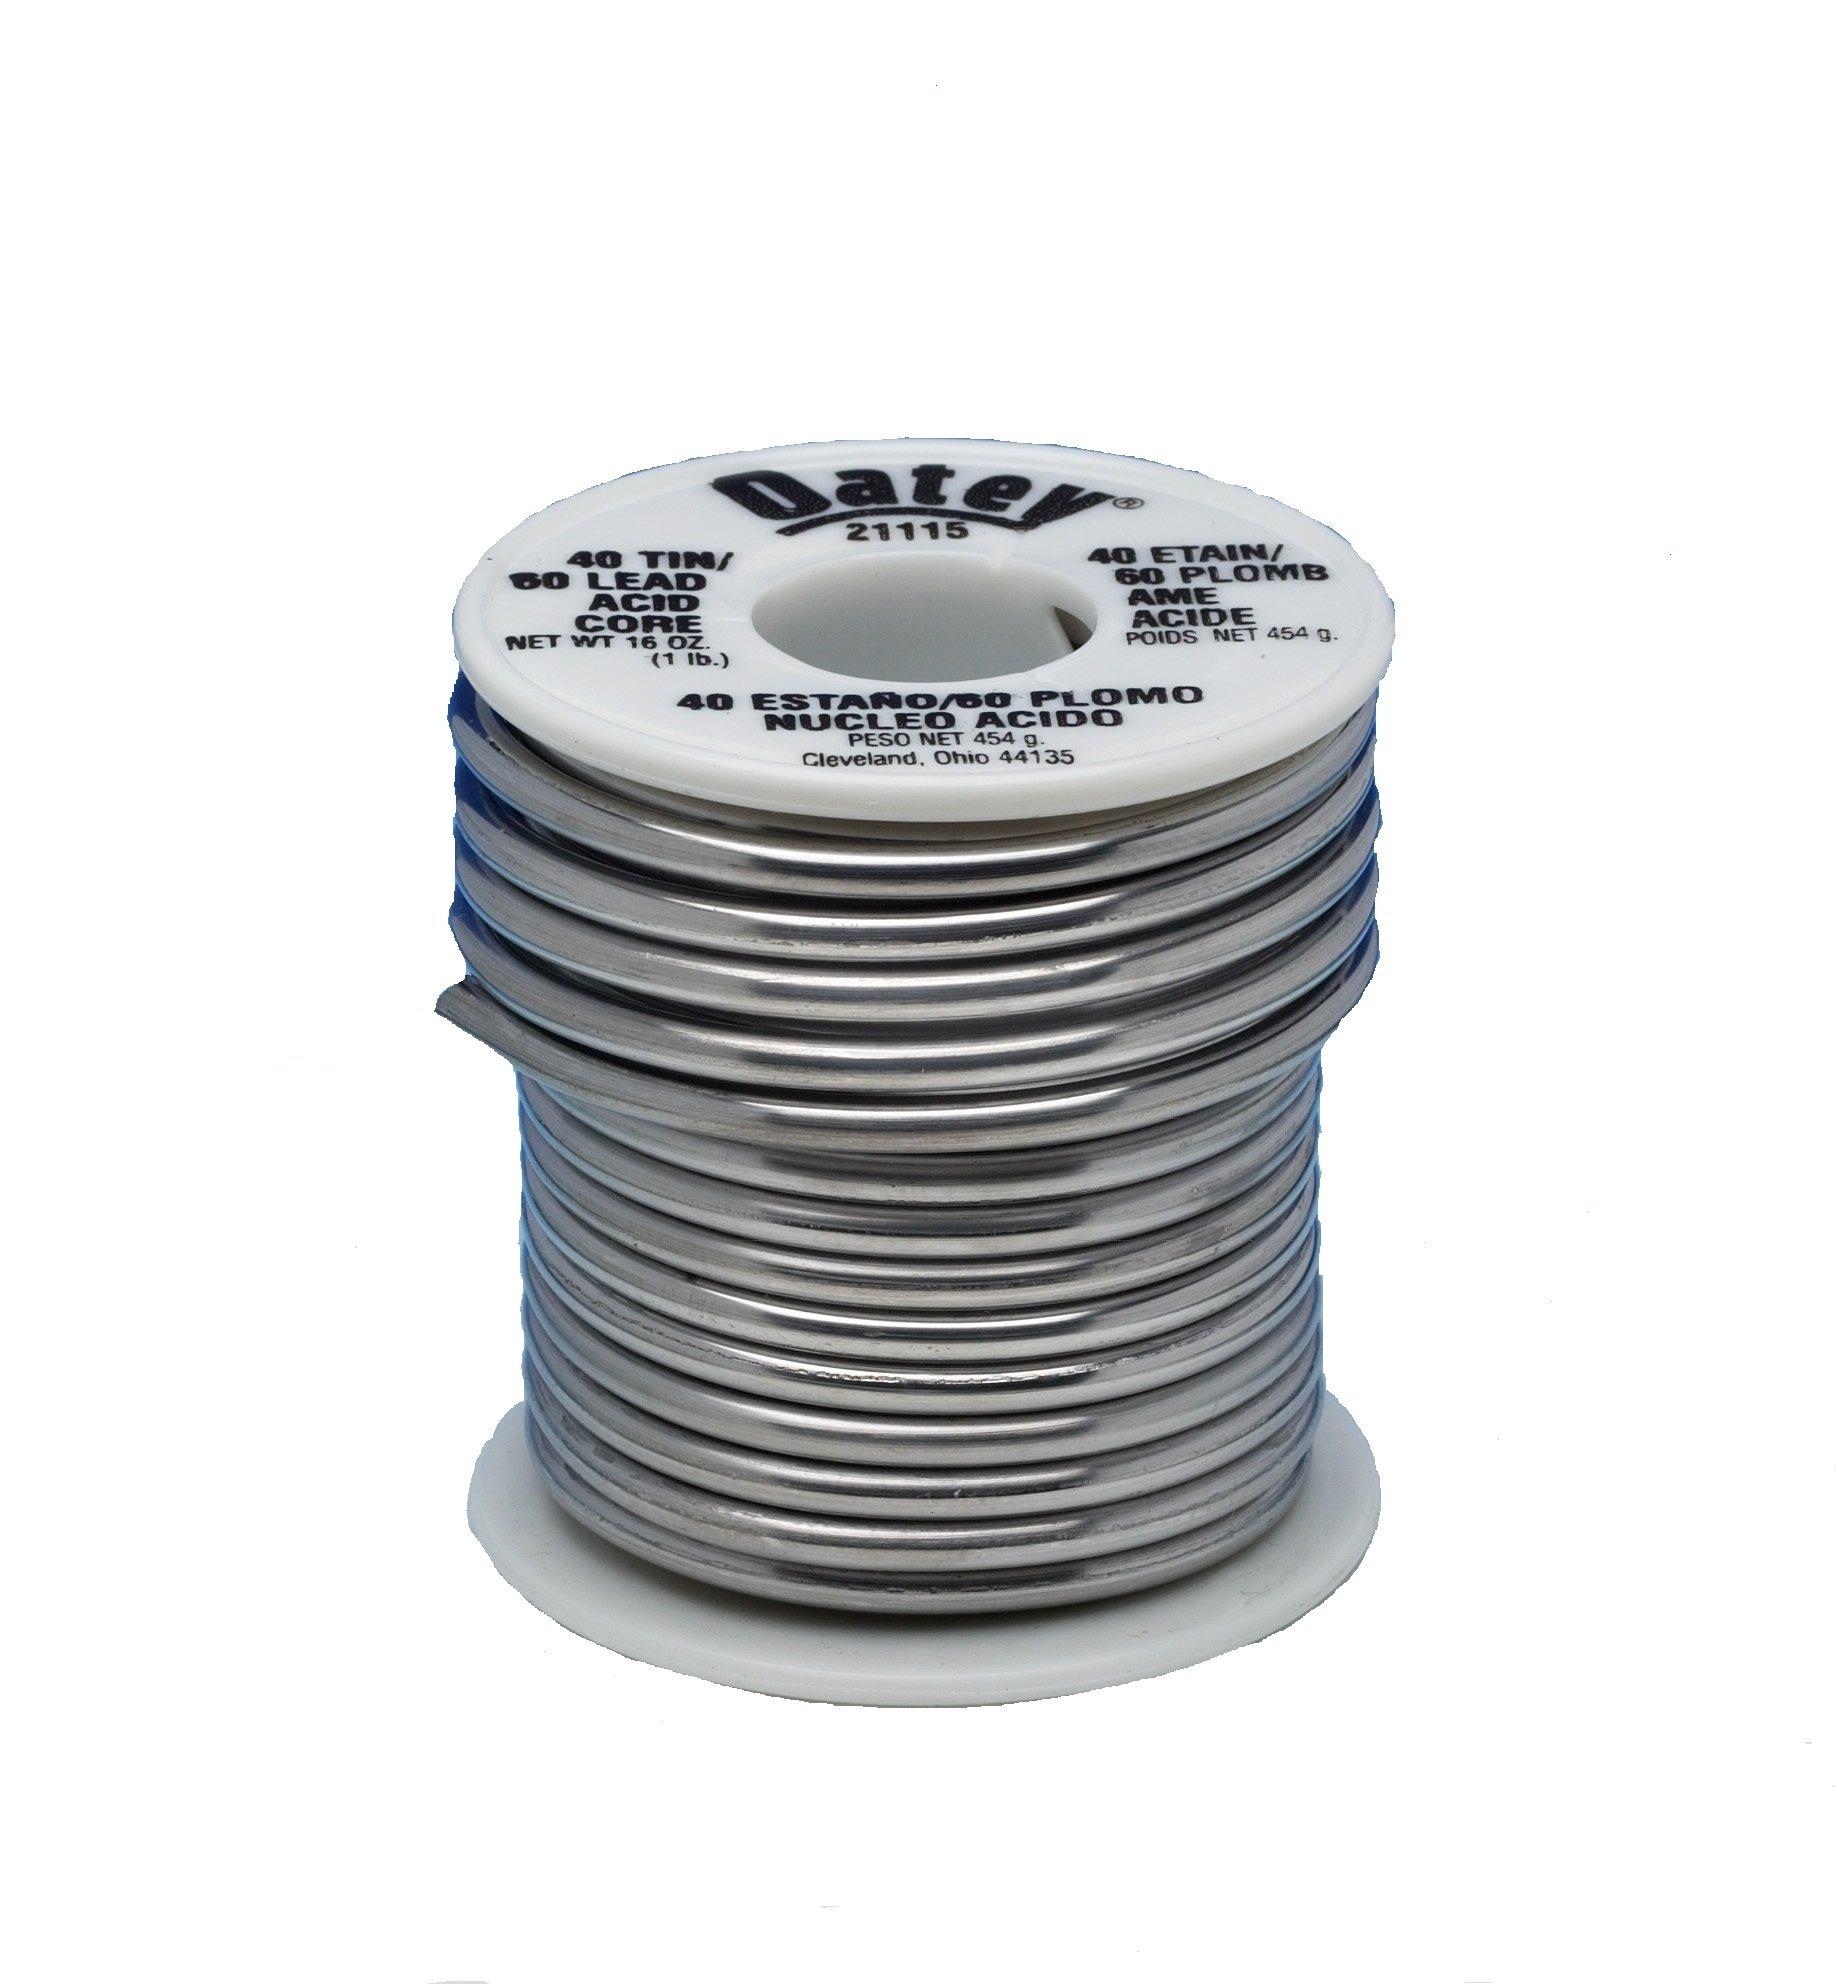 Oatey 21115 40/60 Acid Core Solder, 0.125-Inch ga. - Bulk 1 lb.